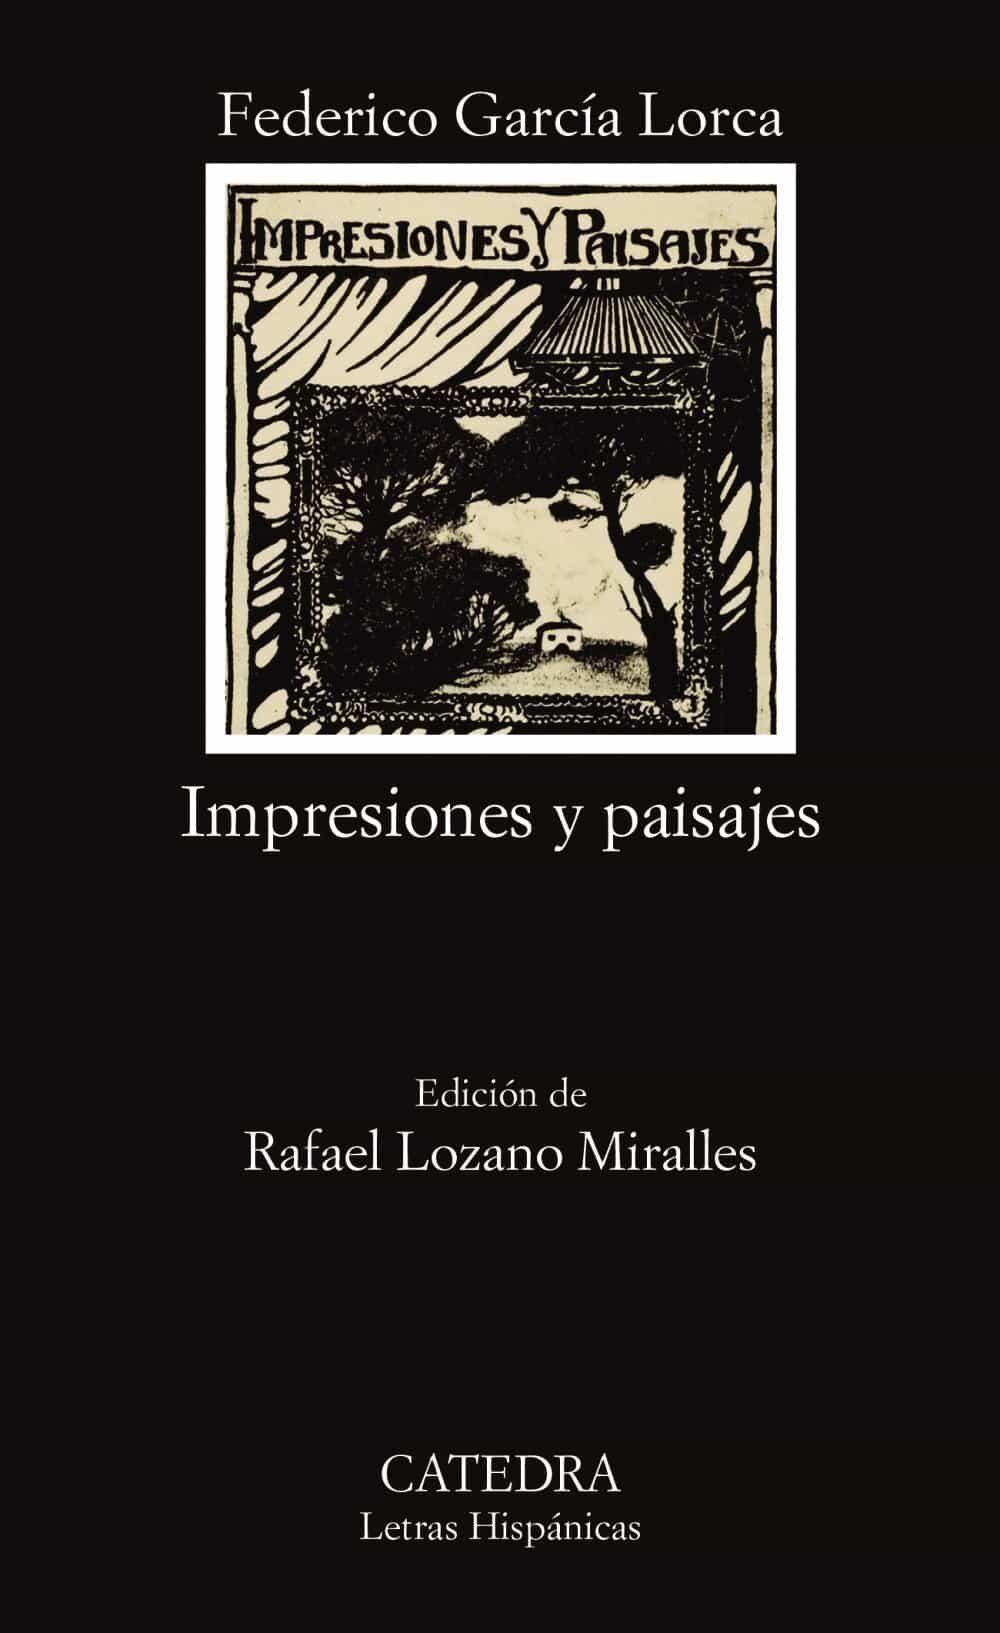 impresiones y paisajes-federico garcia lorca-9788437610504